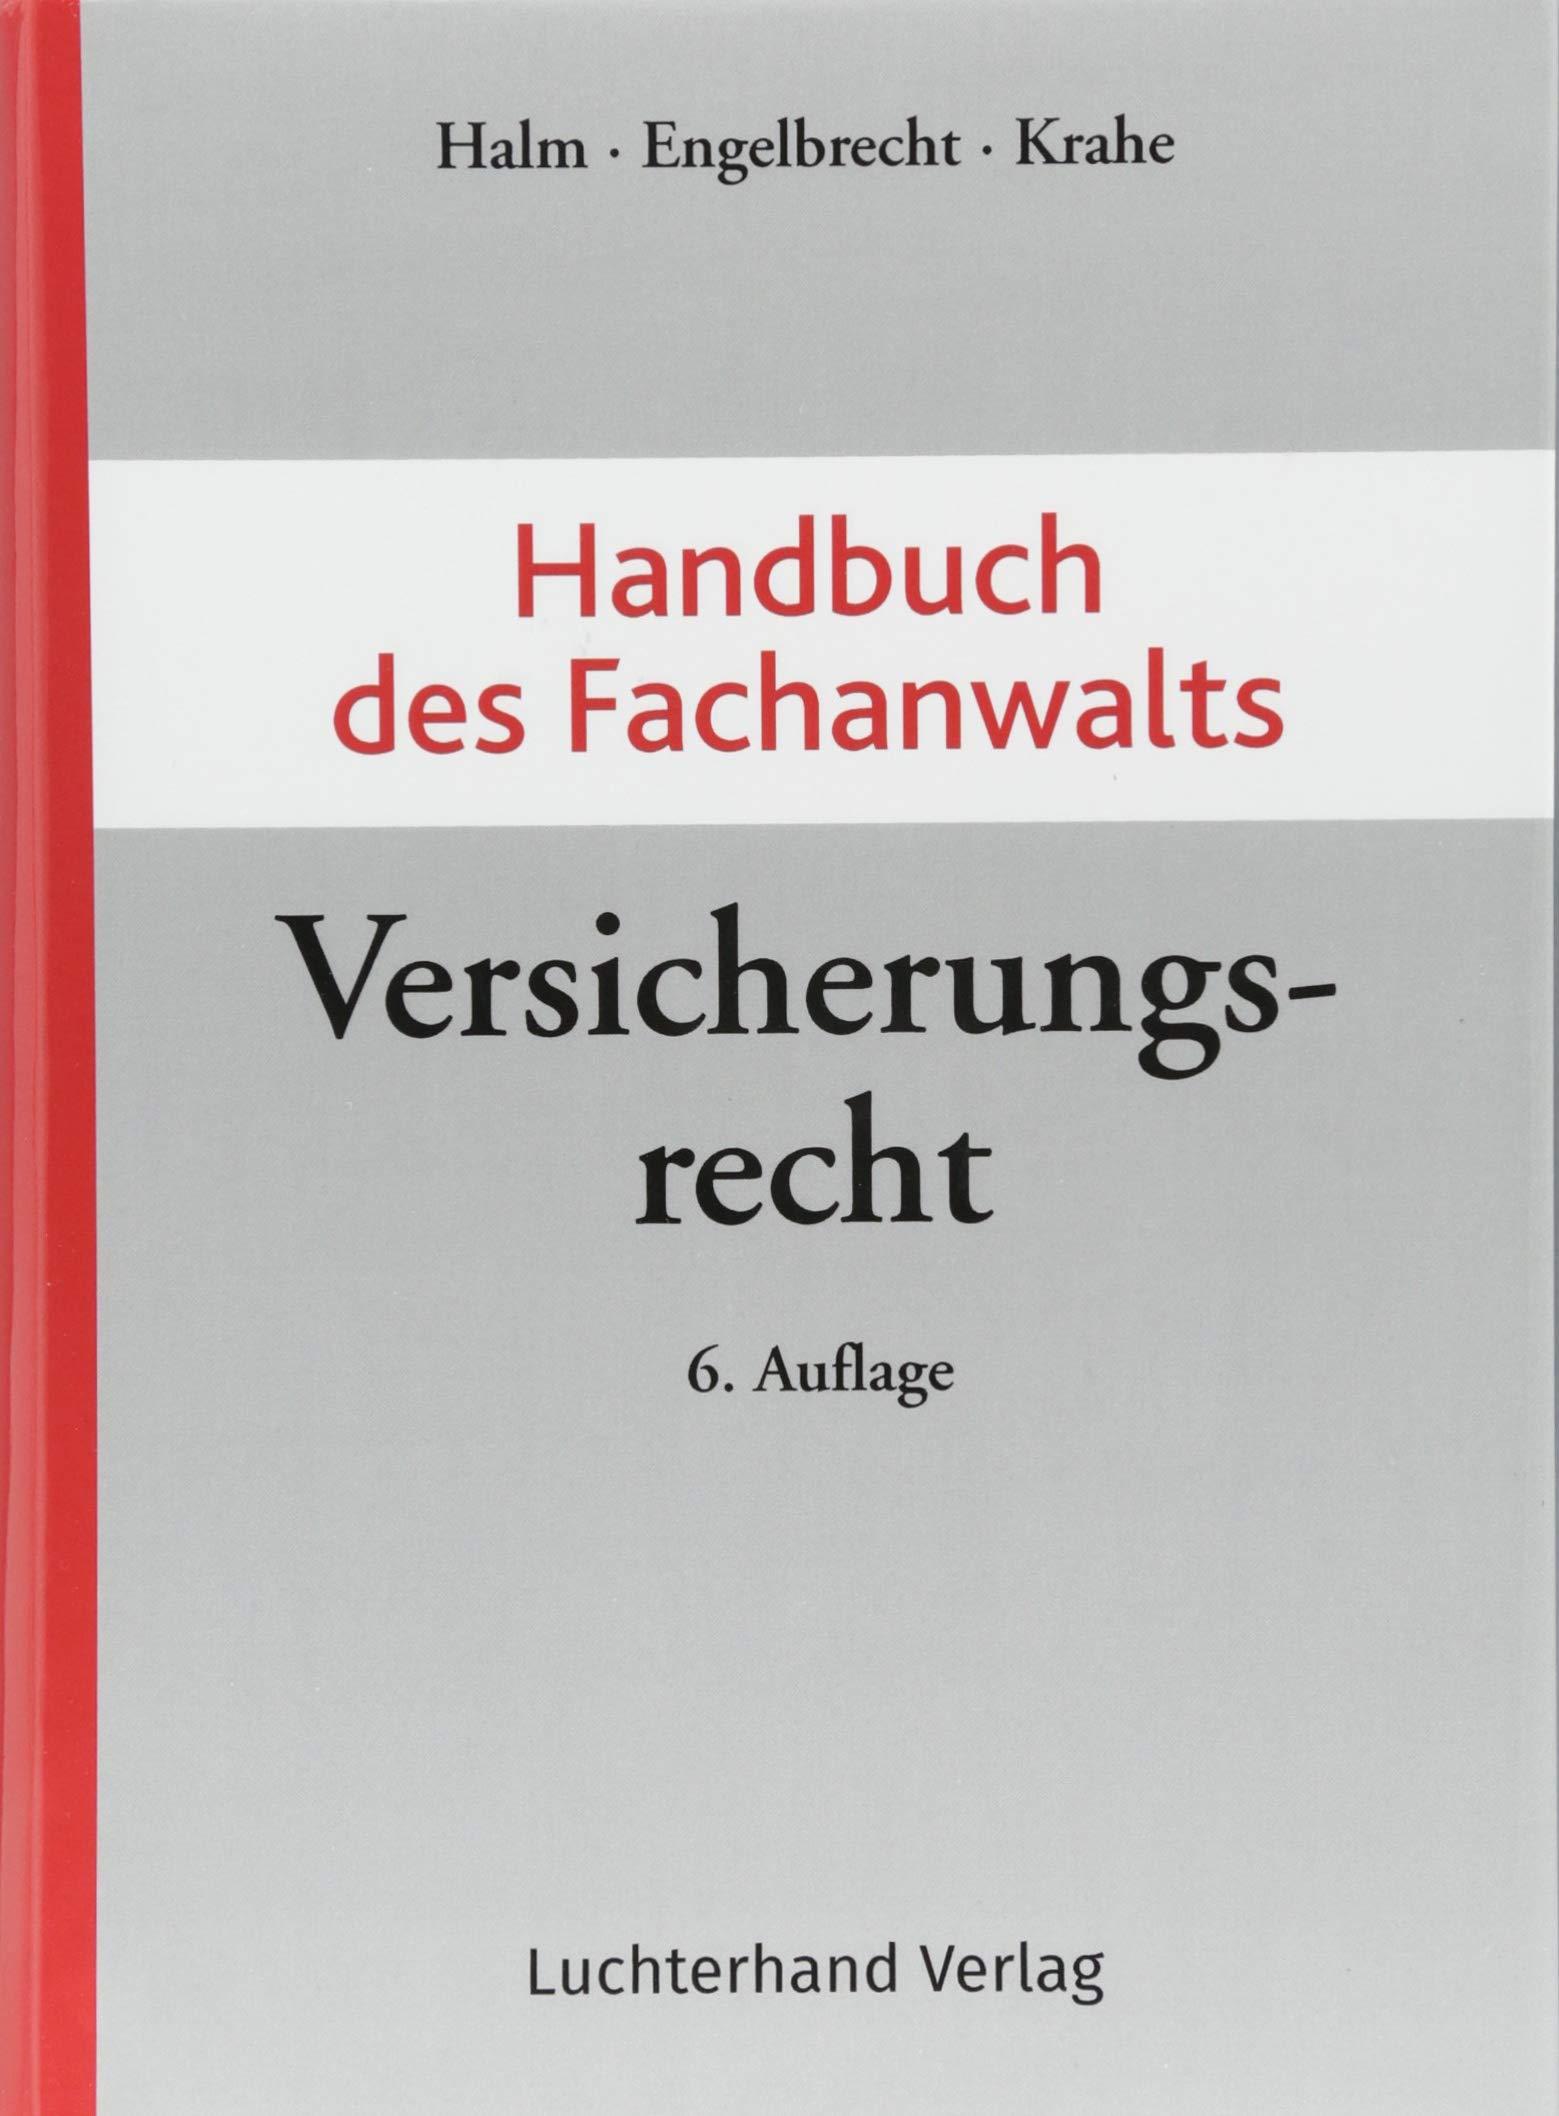 Handbuch des Fachanwalts Versicherungsrecht Gebundenes Buch – 1. Mai 2018 W. Halm A. Engelbrecht F. Krahne Hermann Luchterhand Verlag